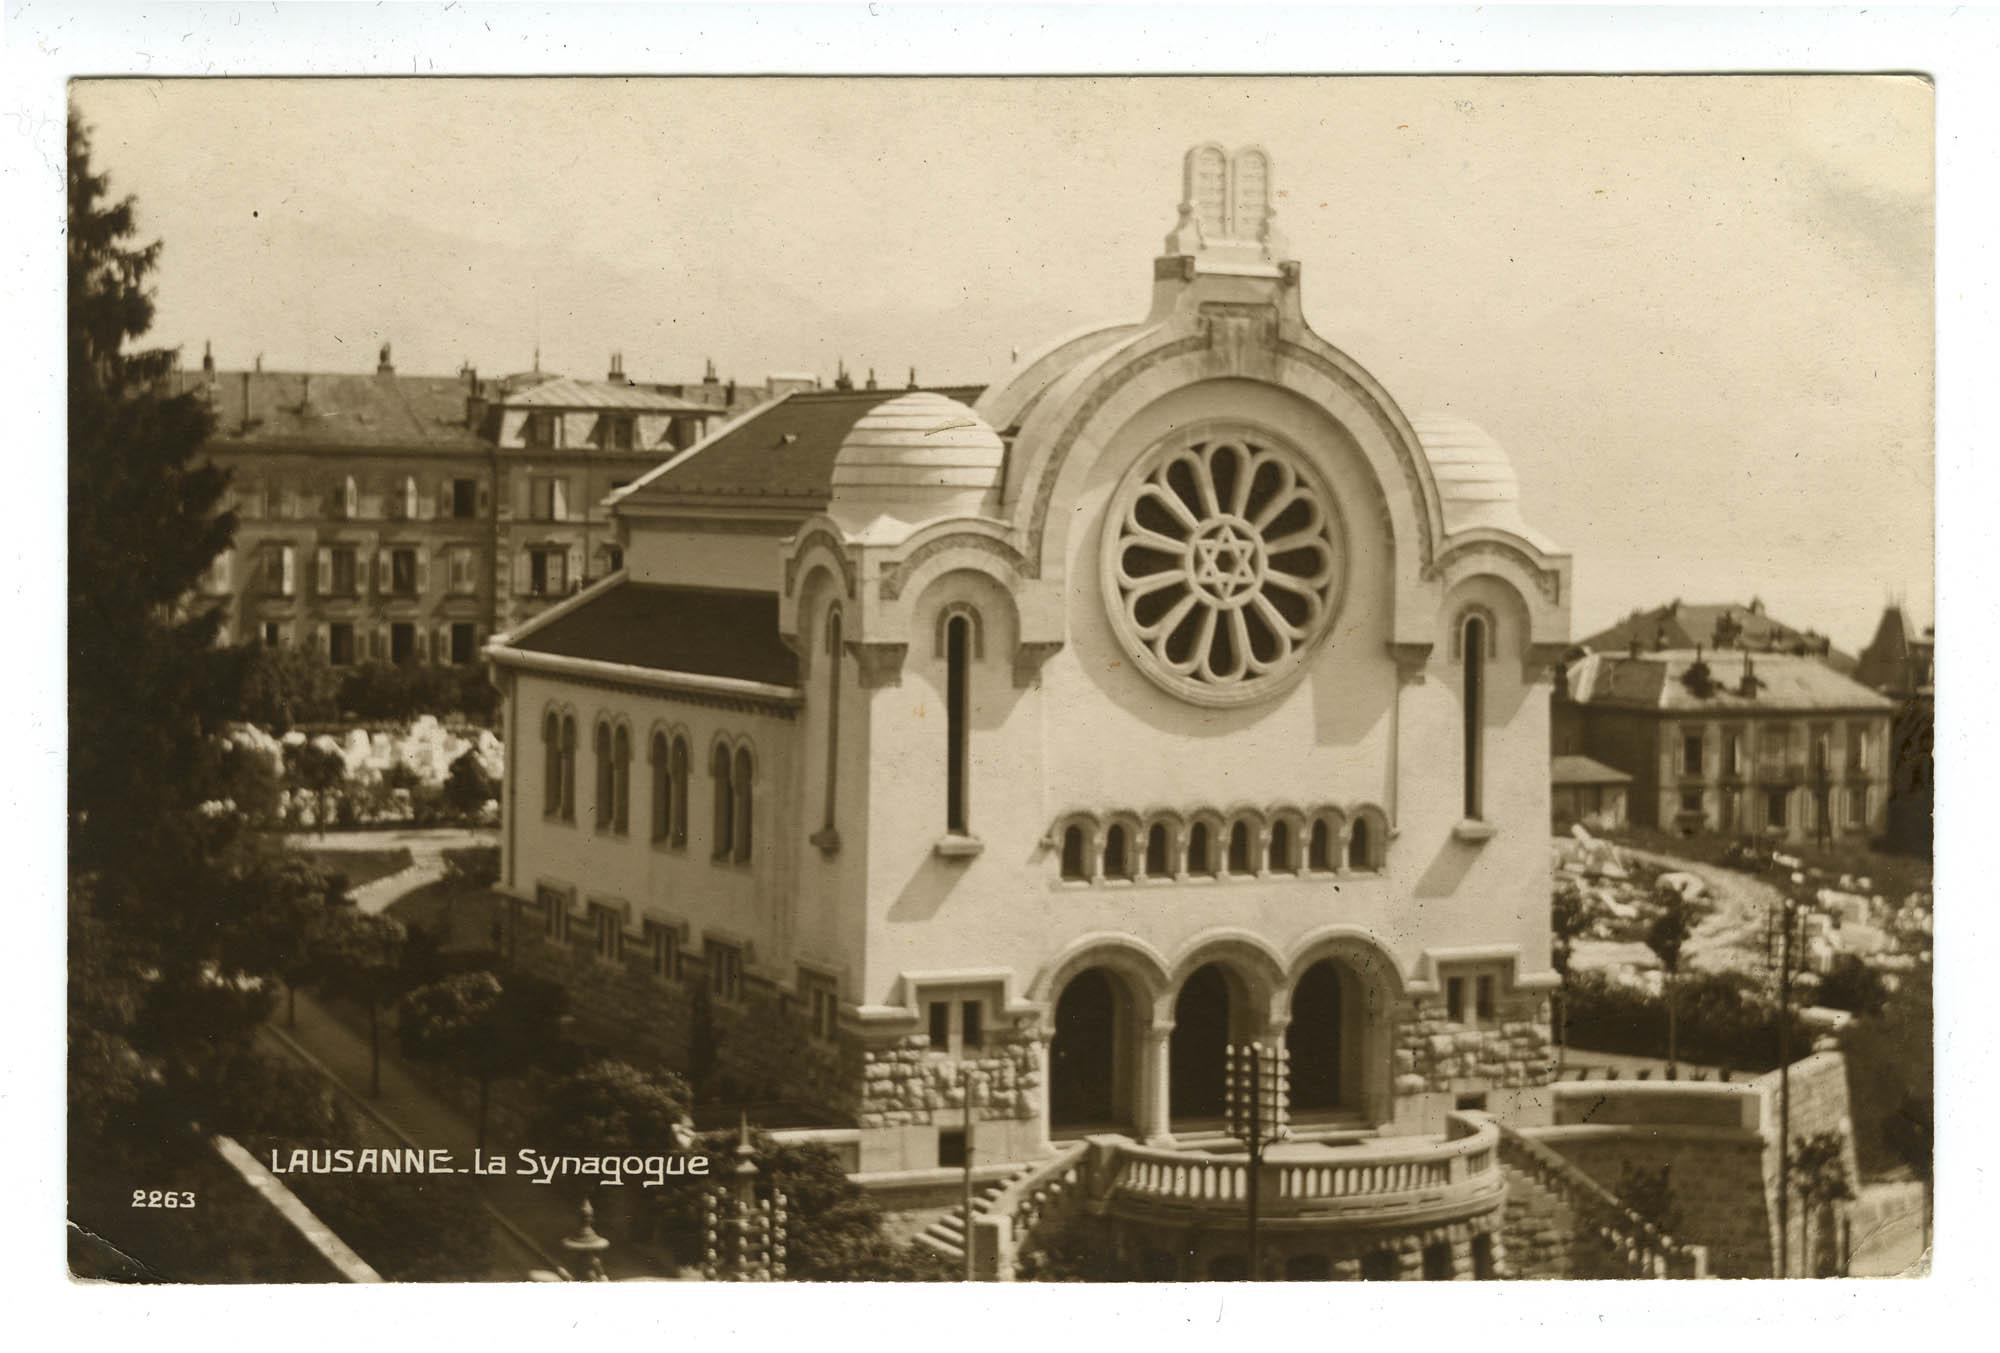 Lausanne - La Synagogue